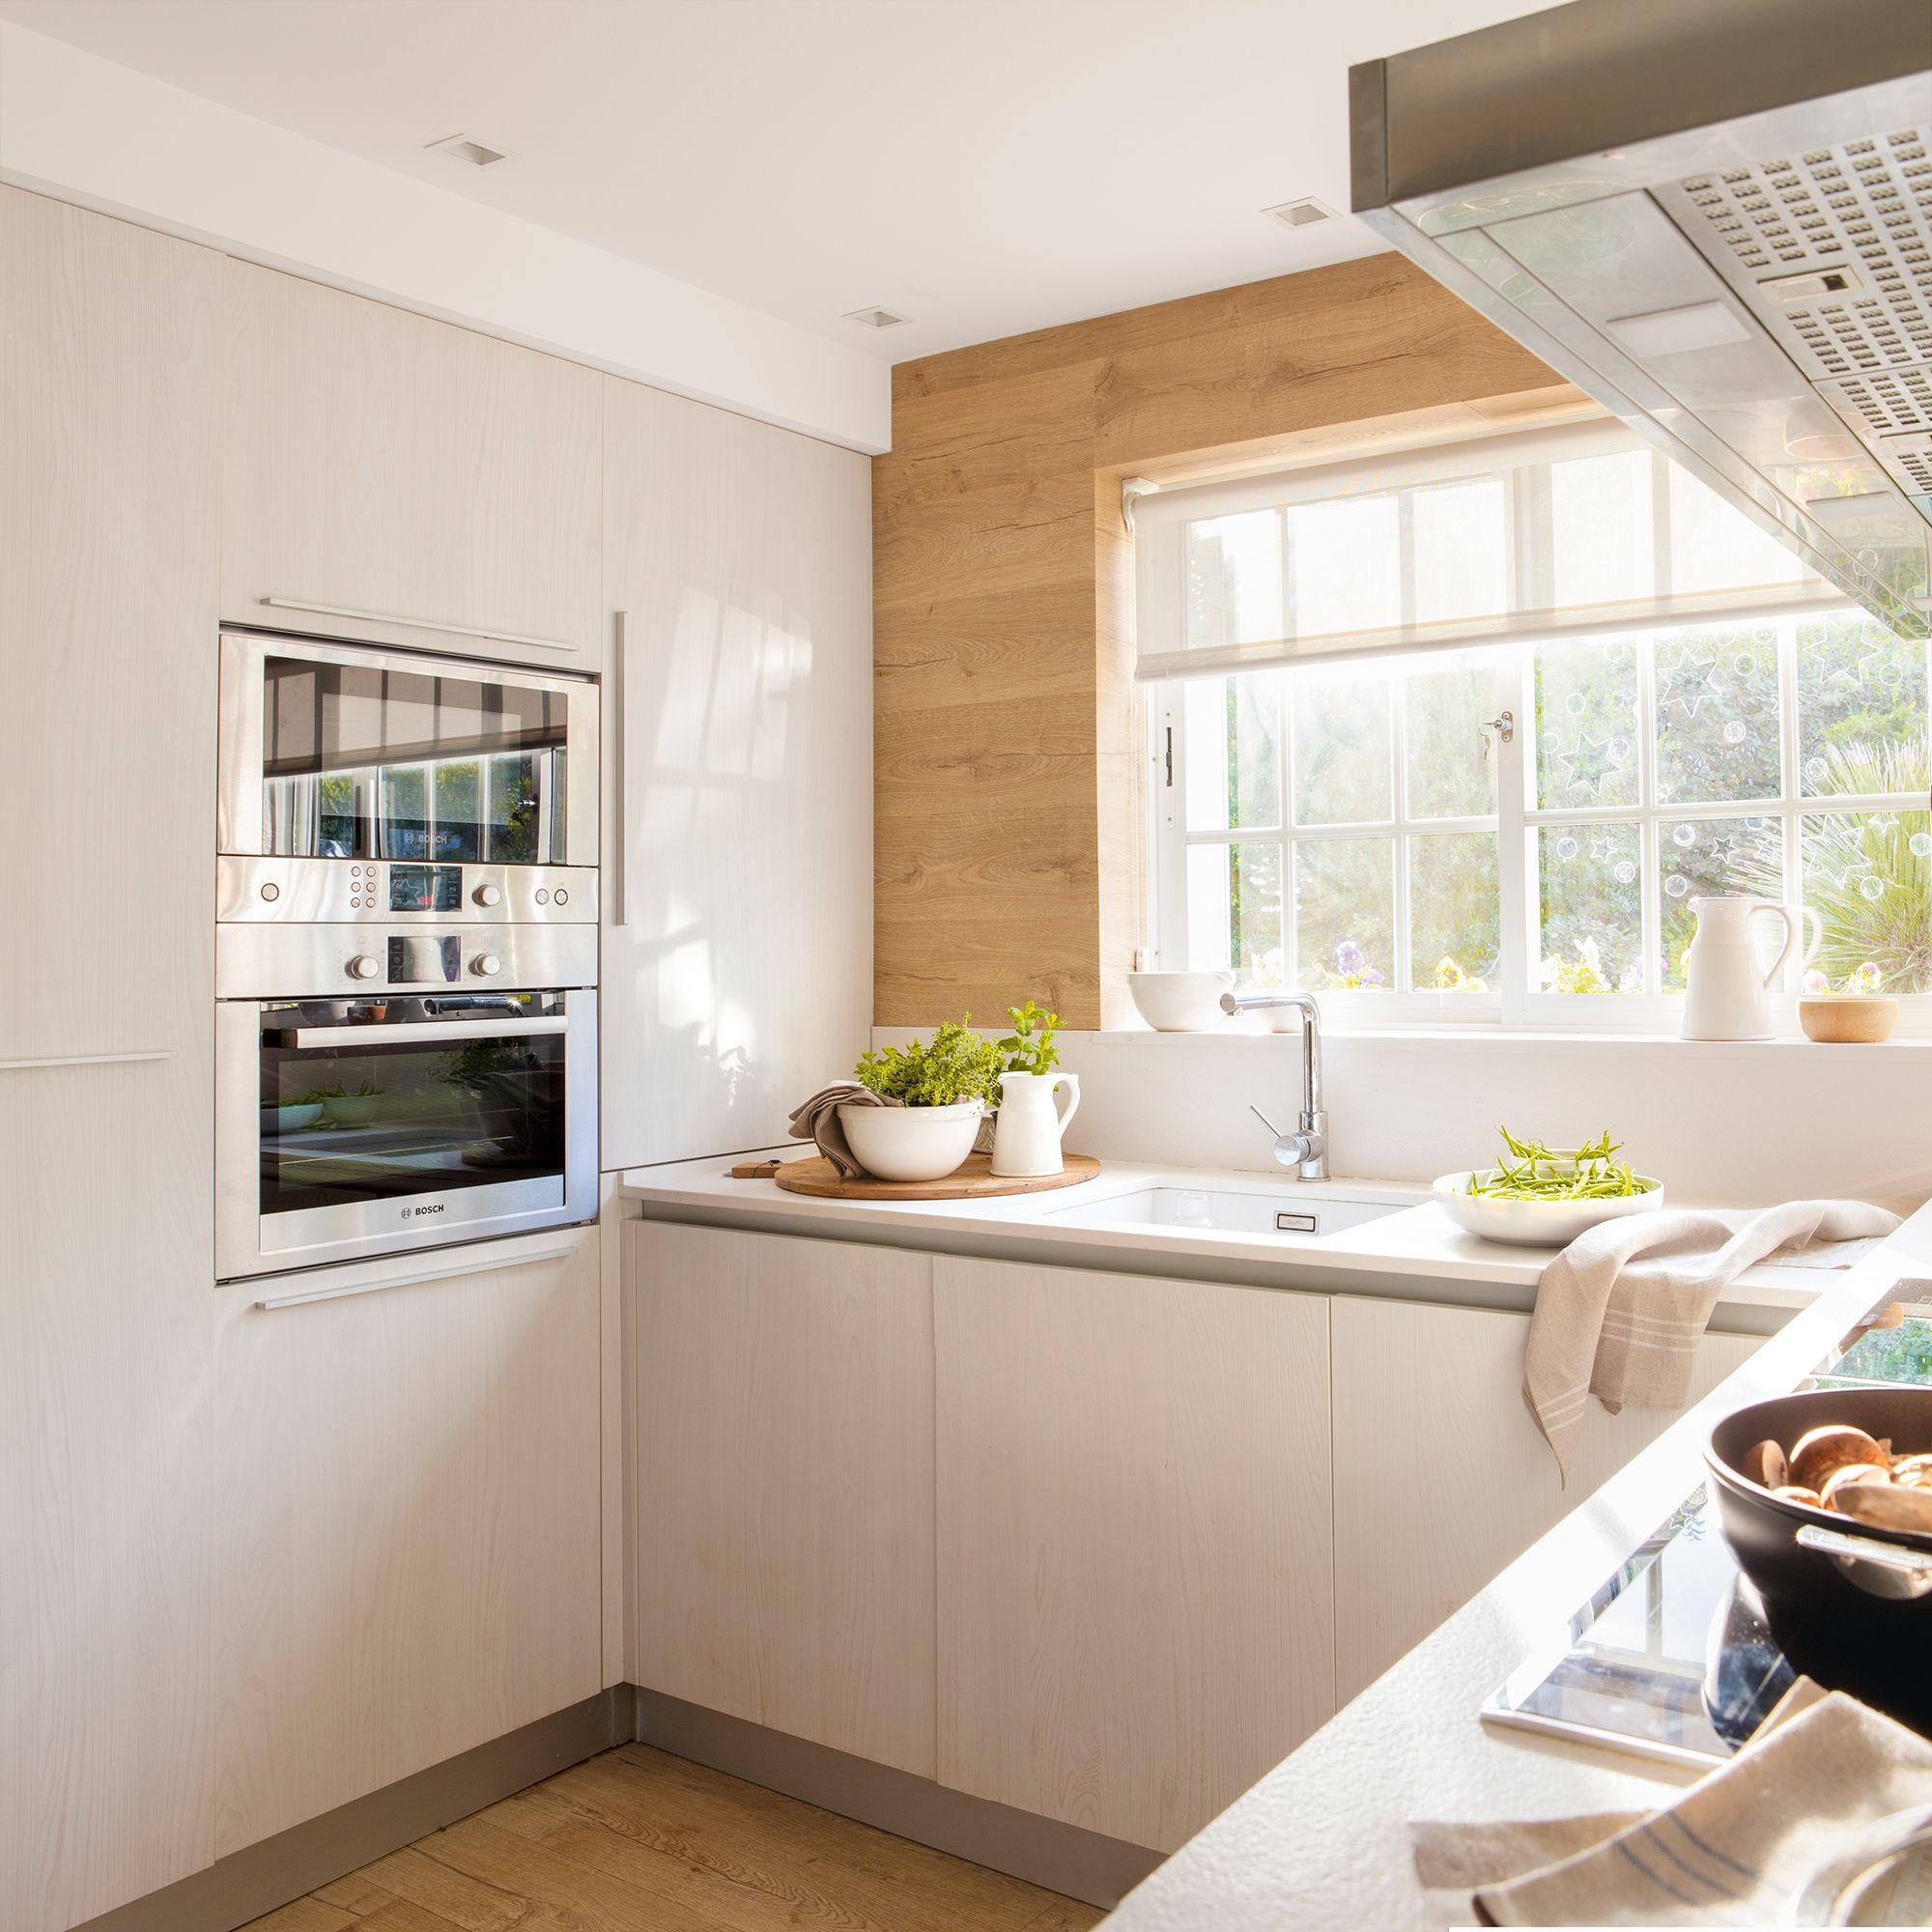 Cocina Con Muebles Empotrados Blancos Y Horno Y Microondas En  # Muebles Empotrados